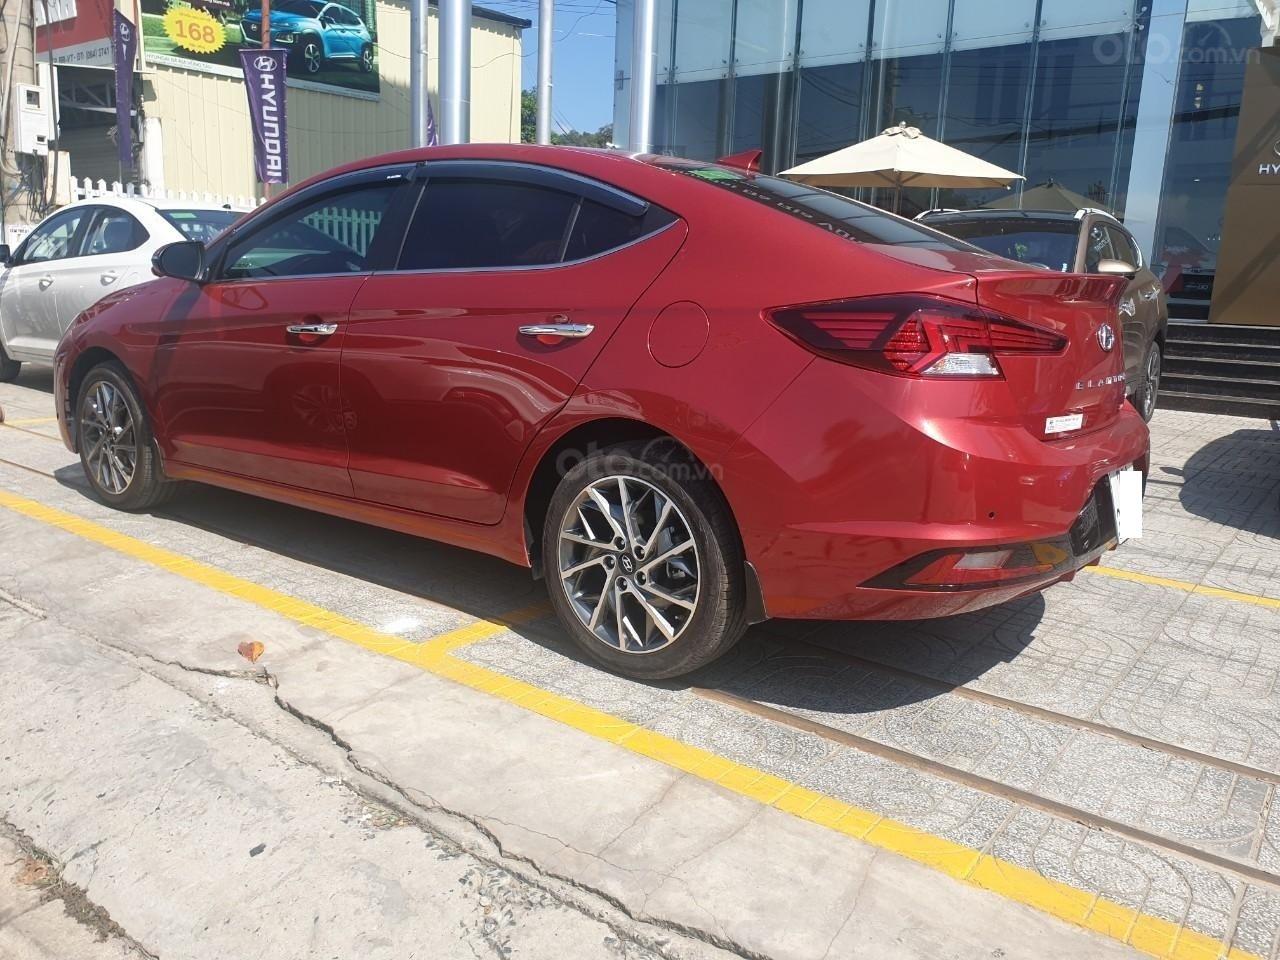 Hyundai Elantra 2.0 ĐB sản xuất 2019, đủ màu giao ngay liên hệ Mr. Quang 0936167272 (3)